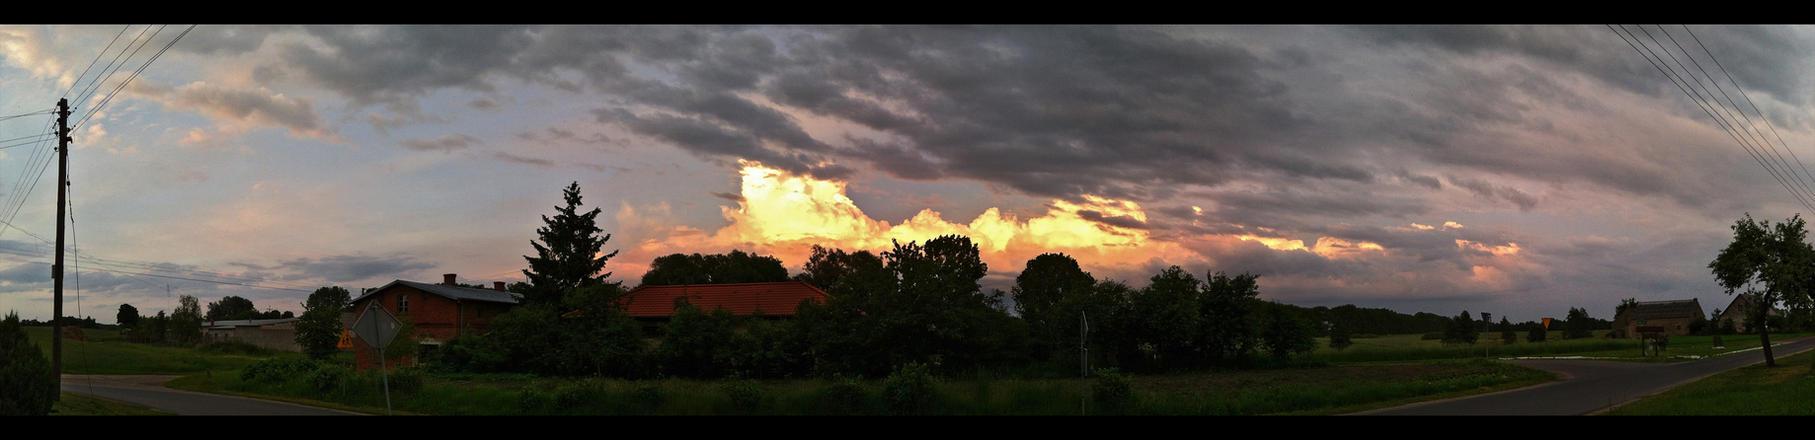 Dzwierszno Male Fire Clouds by skywalkerdesign